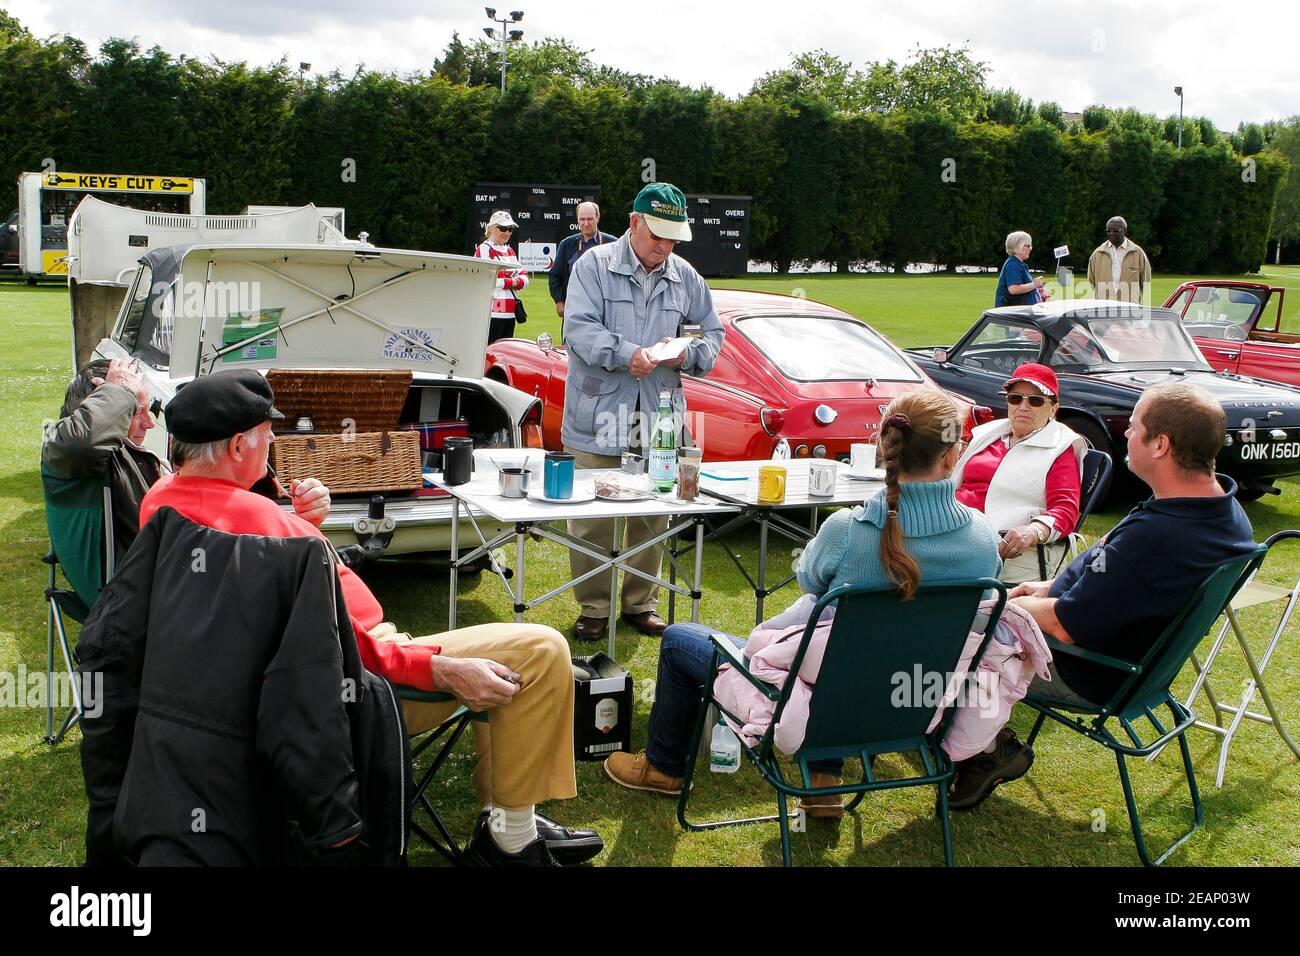 Entusiastas del automóvil y expositores disfrutando de un picnic y una taza de té en un clásico show de coches, Reino Unido Foto de stock